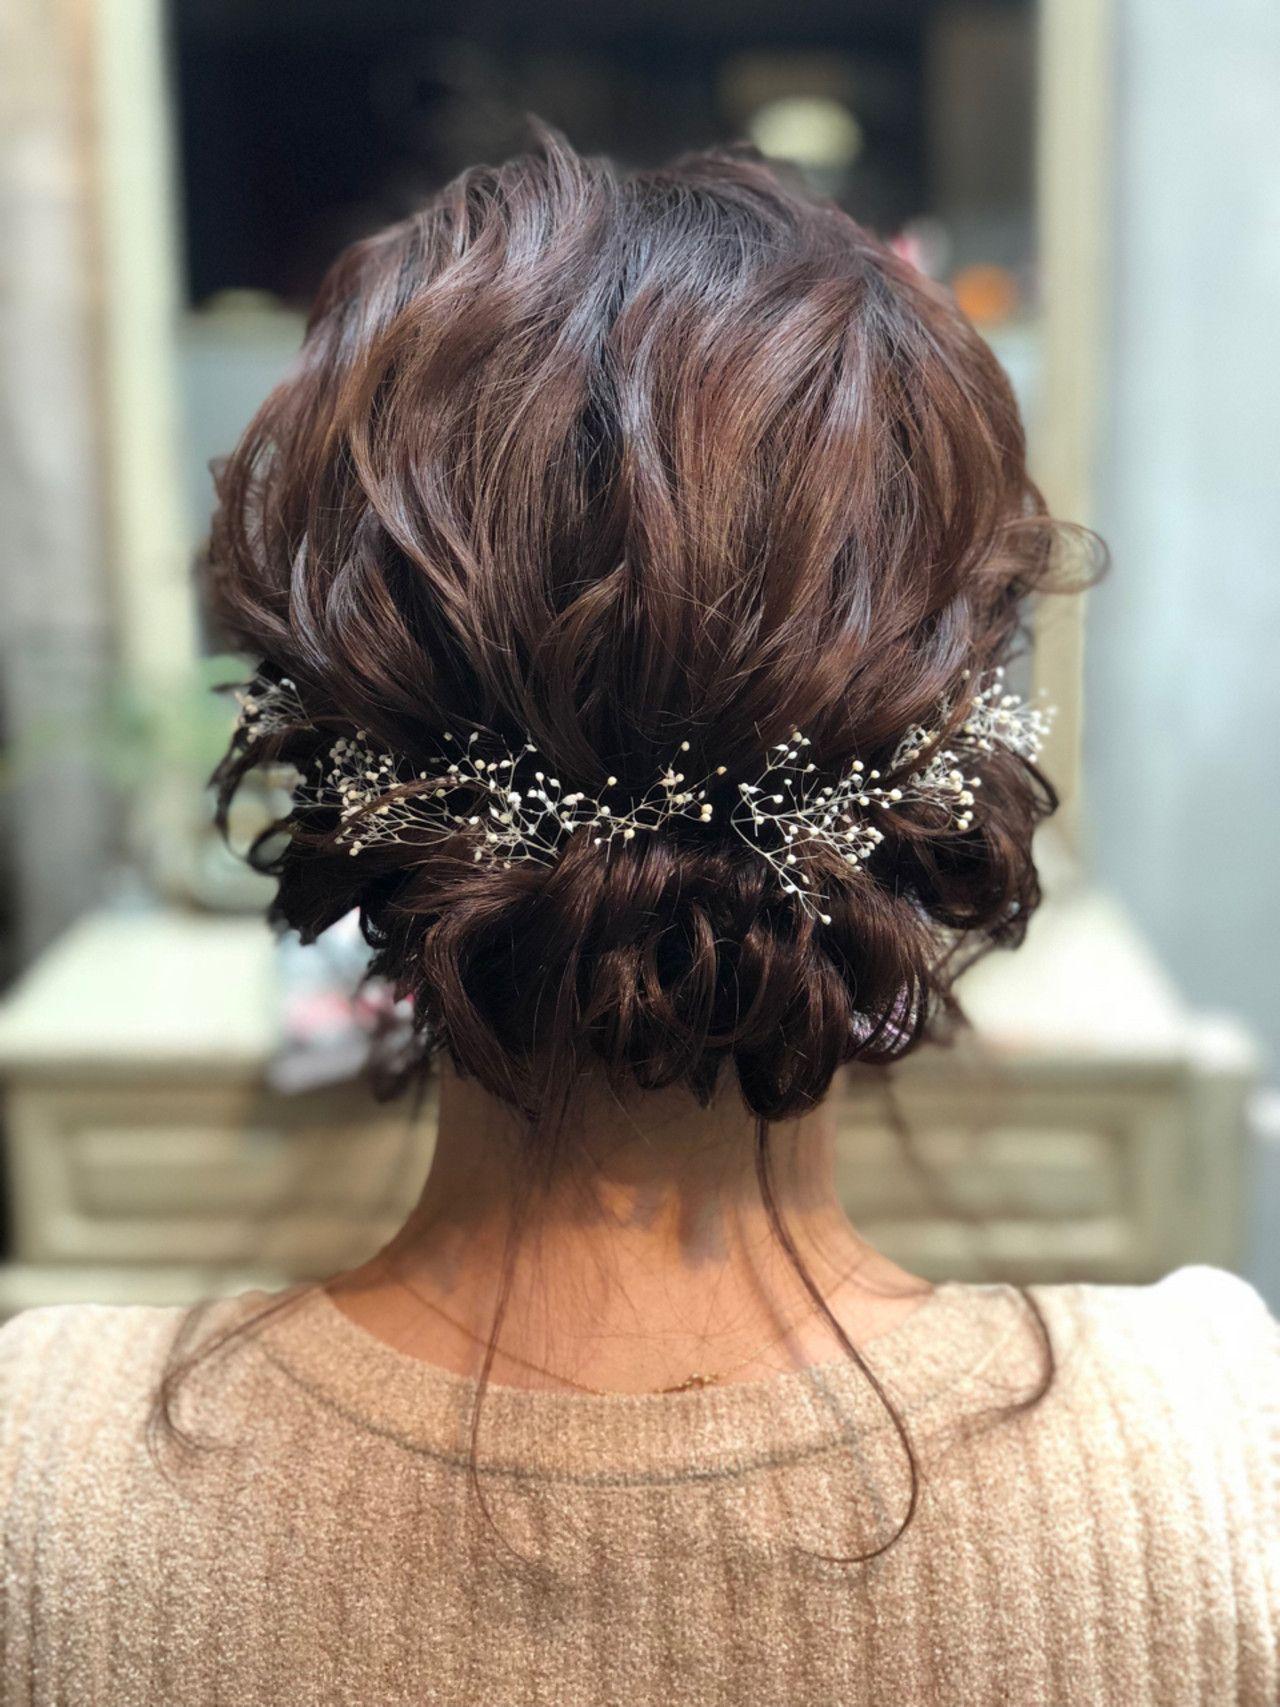 2020年 結婚式お呼ばれ髪型決定版 ボブからロングまで人気ヘアアレンジをご紹介 みんなのウェディングニュース 結婚式 お呼ばれ 髪型 ヘアアレンジ ロング 結婚式 ボブ ヘアアレンジ 結婚式